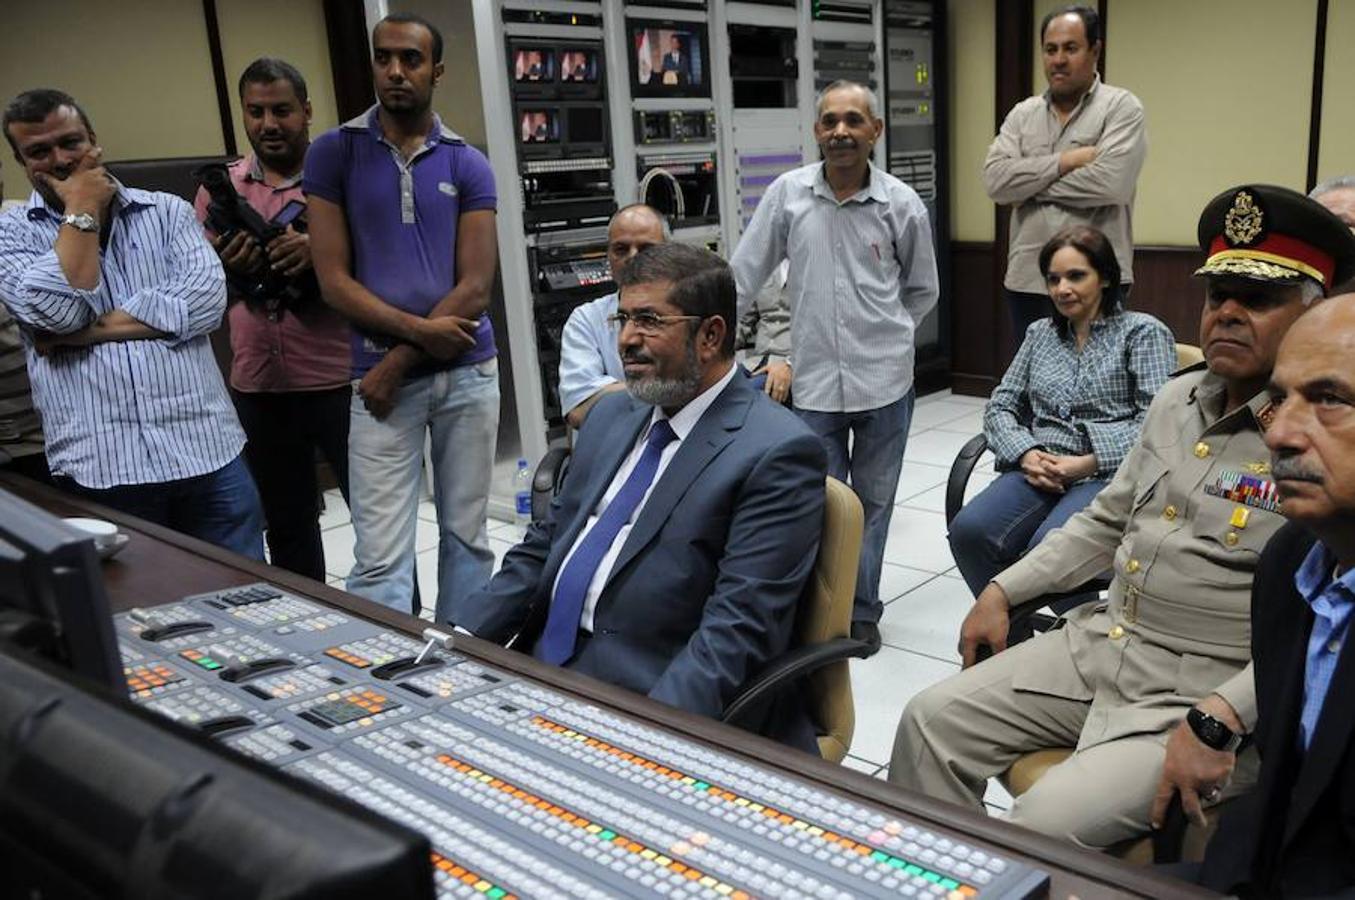 Mohamed Mursi (C), se sienta en el estudio de la televisión estatal en El Cairo el 24 de junio de 2012